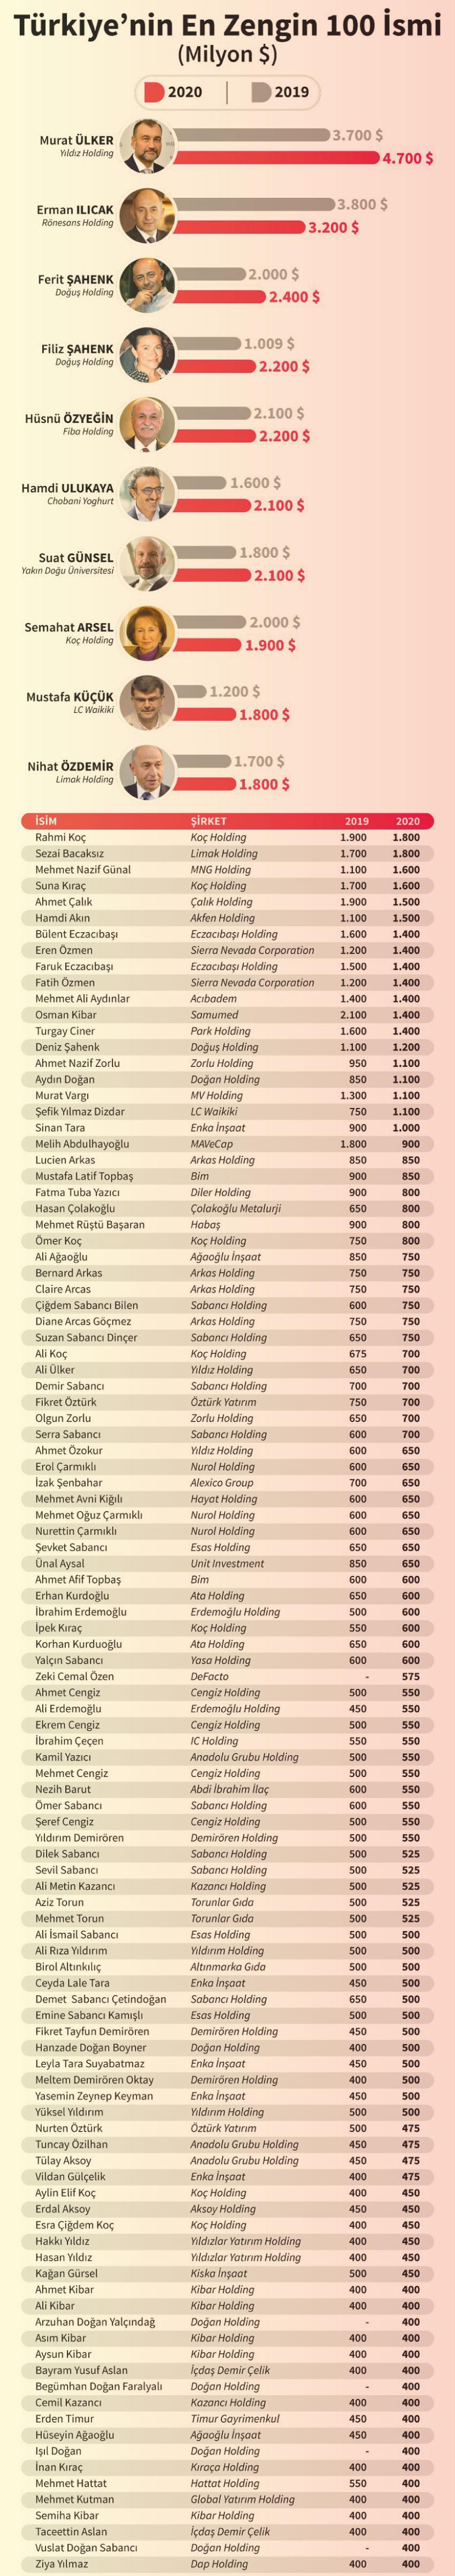 2020-turkiyenin-en-zenginleri-listesi-aciklandi-iste-ilk-siradaki-kisi